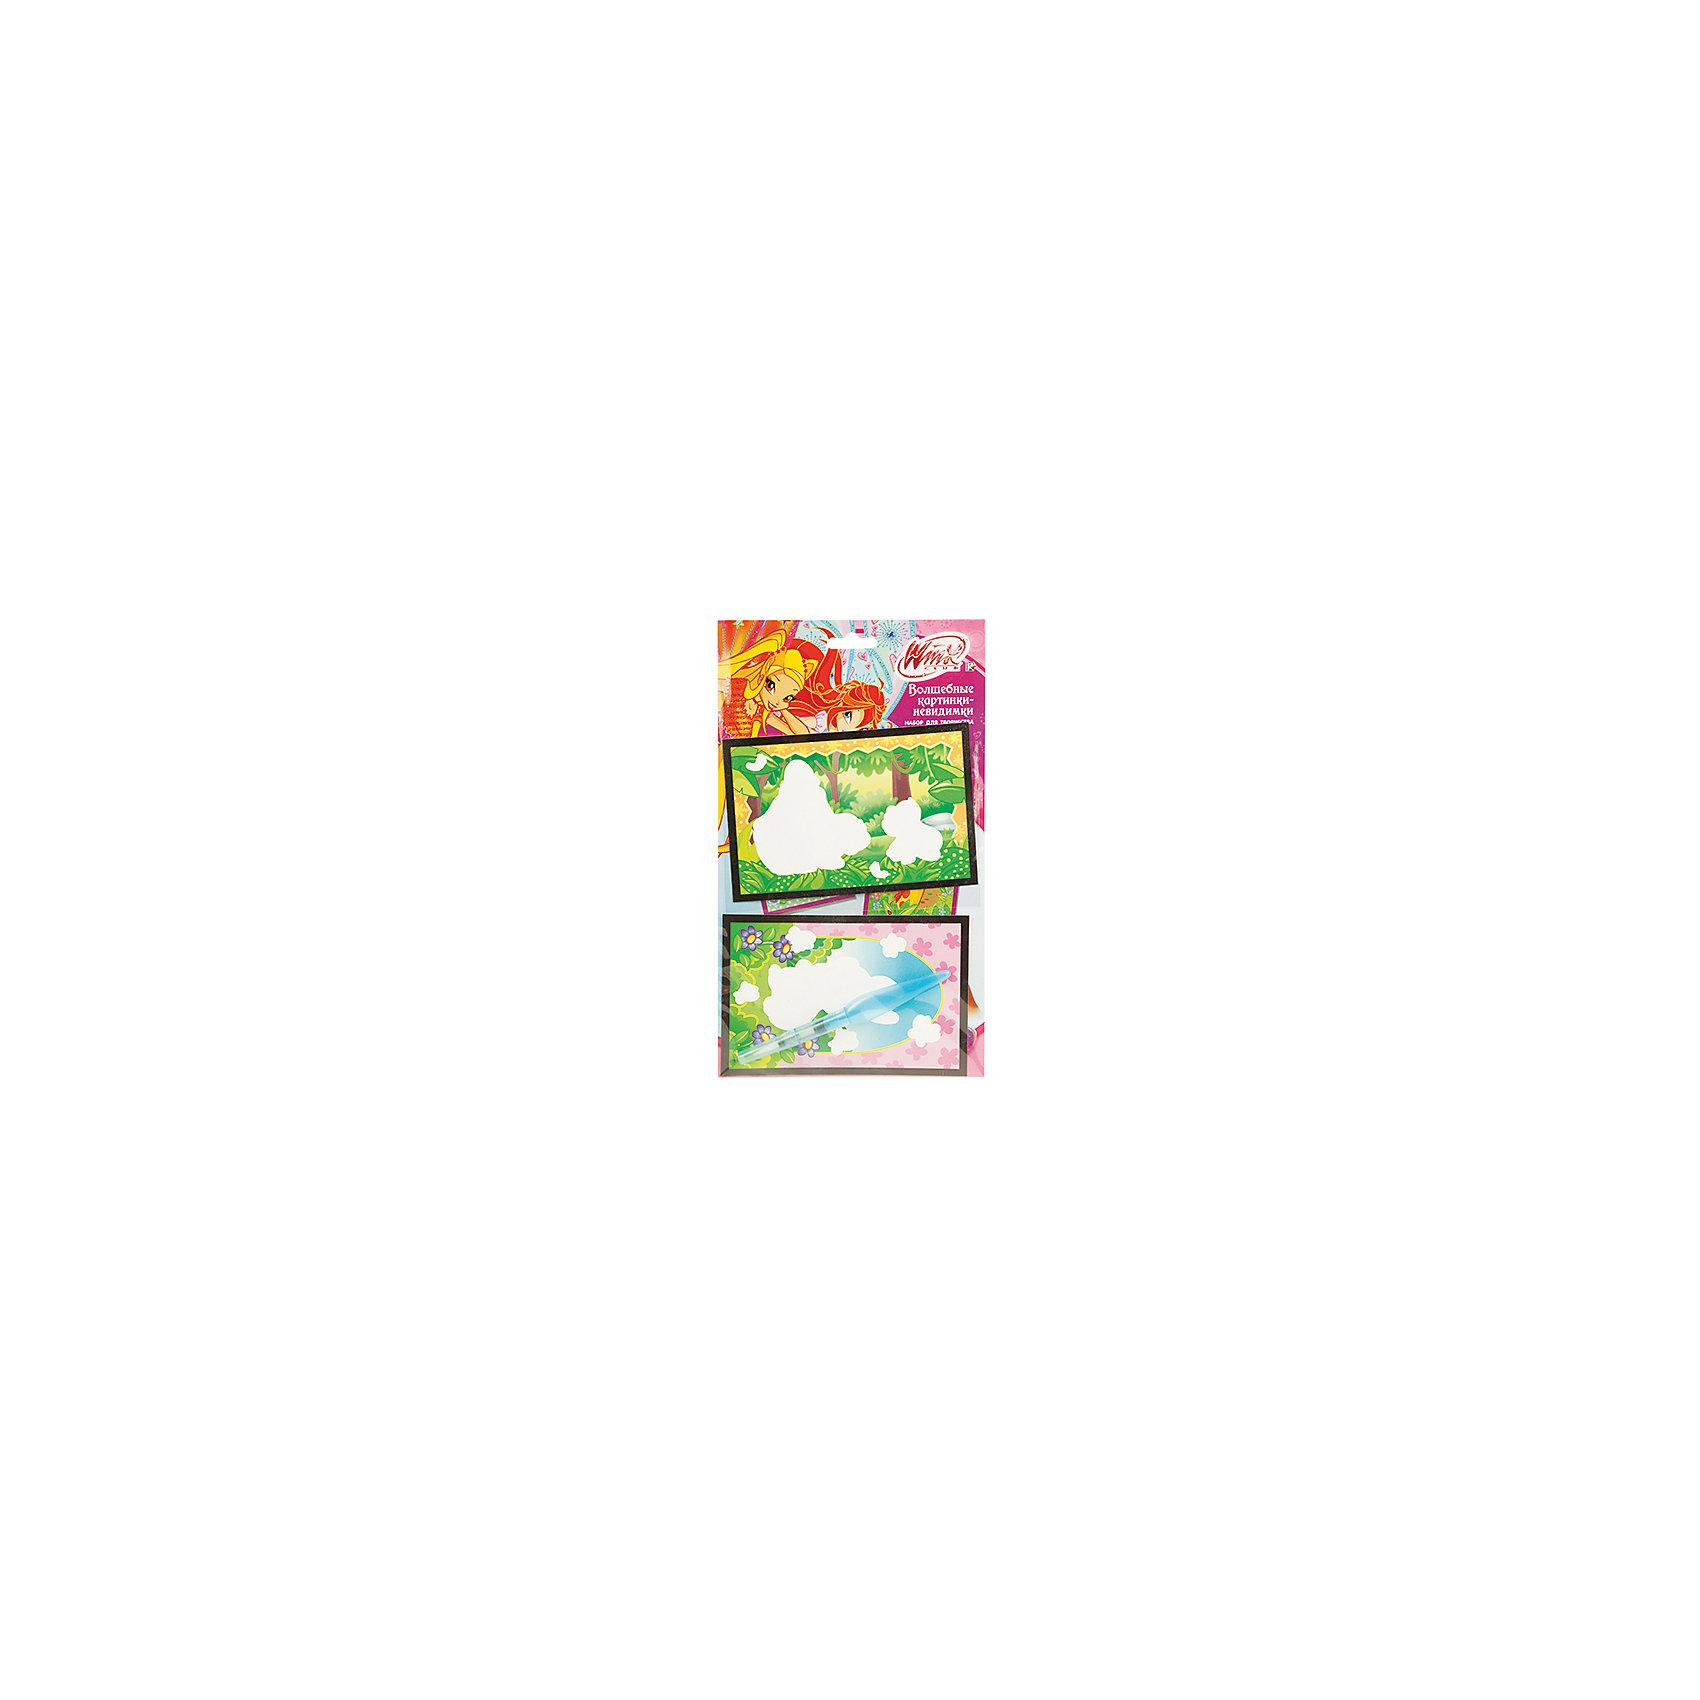 Набор Картинки-невидимки, маленькие, Winx ClubМаленькие картинки-невидимки от добрых волшебниц Винкс не оставят ребенка равнодушным! Достаточно лишь раскрасить картинку фломастером и она заиграет новыми яркими красками!<br>Дополнительная информация:<br>-в наборе: картинки-основы, водный фломастер<br>Сказочный персонаж: Winx Club<br>-вес: 30 грамм<br>-размер упаковки: 22х12х14 см<br>Набор картинок-невидимок Winx Club можно купить в нашем интернет-магазине.<br><br>Ширина мм: 140<br>Глубина мм: 120<br>Высота мм: 220<br>Вес г: 30<br>Возраст от месяцев: 60<br>Возраст до месяцев: 108<br>Пол: Женский<br>Возраст: Детский<br>SKU: 4915524